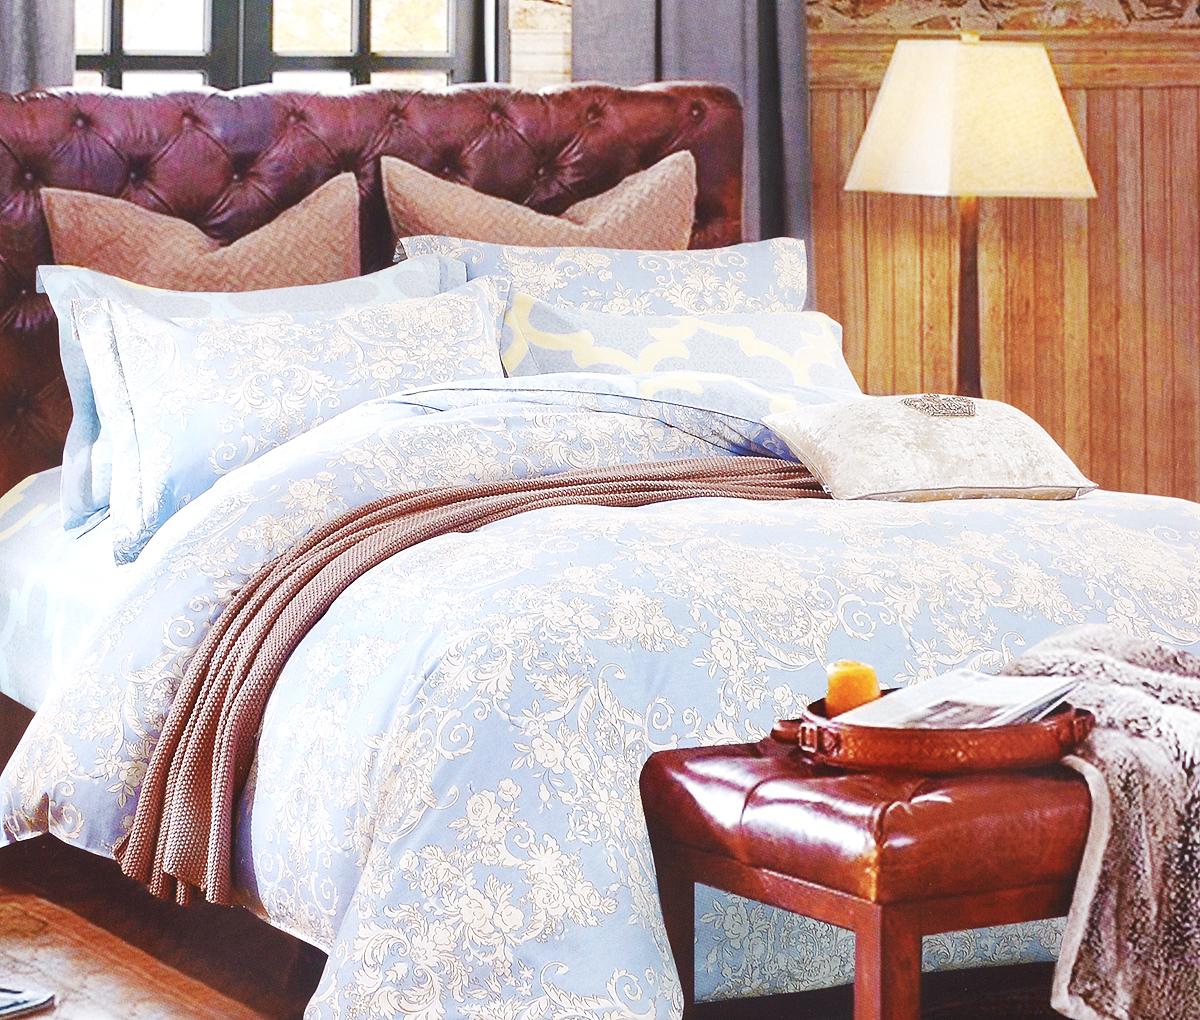 Комплект белья Arya Dominga, 2-спальный, наволочки 50х70, 70х70TR1002261Роскошный комплект постельного белья Arya Dominga состоит из пододеяльника, простыни и 4 наволочек, выполненных из сатина (100% хлопка). Сатин - прочная и плотная ткань с диагональным переплетением нитей. Сатиновое постельное белье легко переносит стирку в горячей воде, не выцветает, не соскальзывает с кровати и приятно на ощупь.Благодаря такому комплекту постельного белья вы создадите неповторимую атмосферу в вашей спальне.